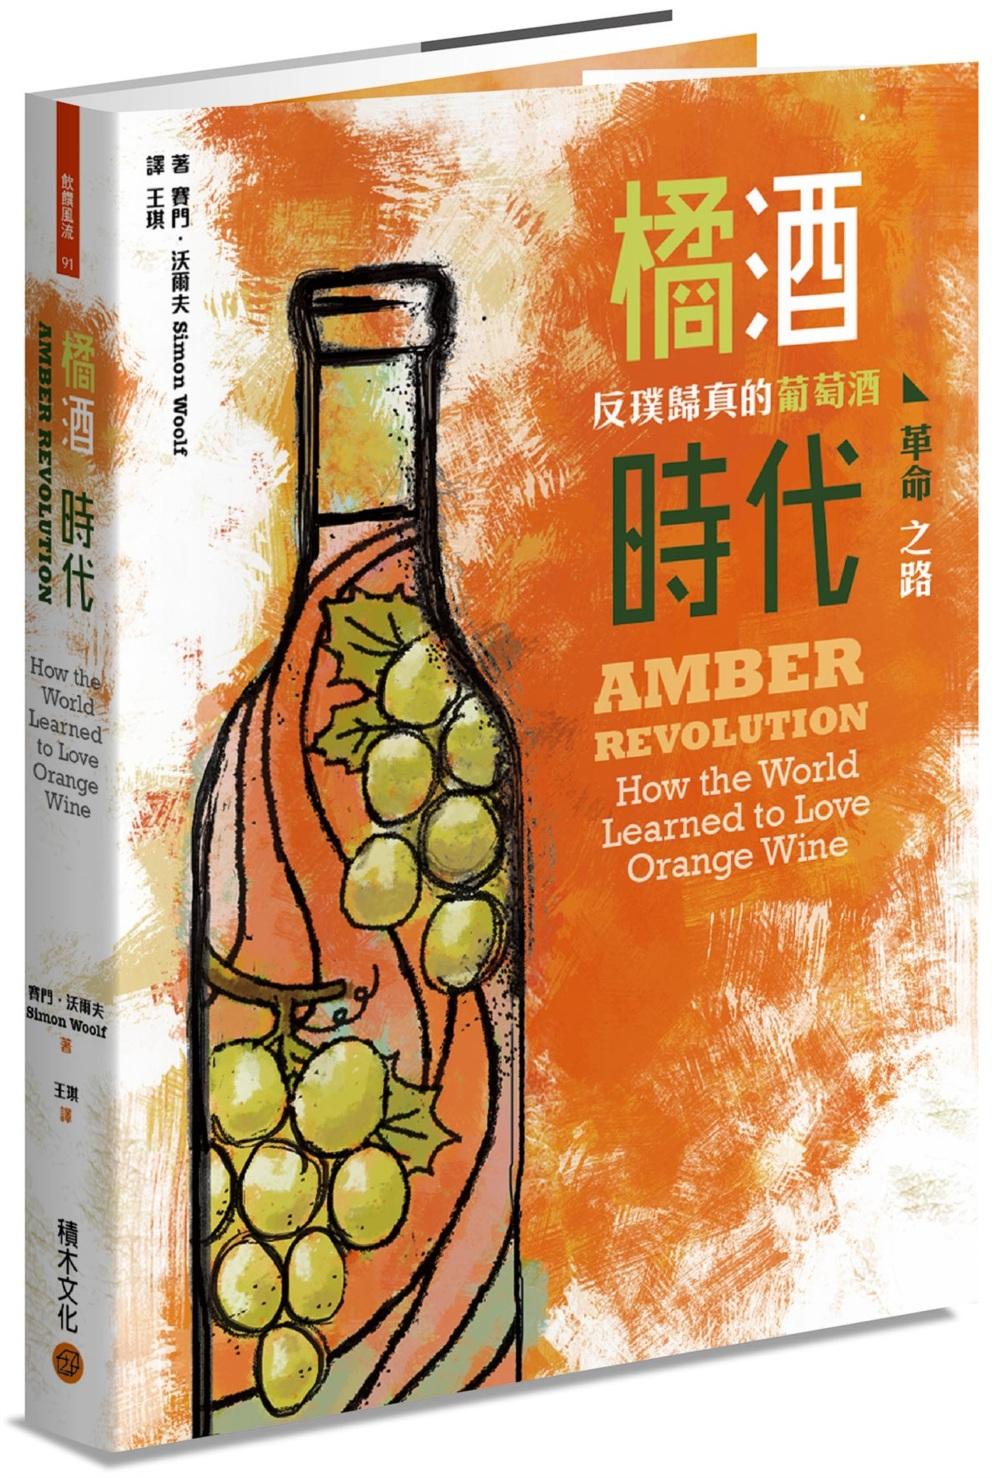 橘酒時代:反璞歸真的葡萄酒革命之路